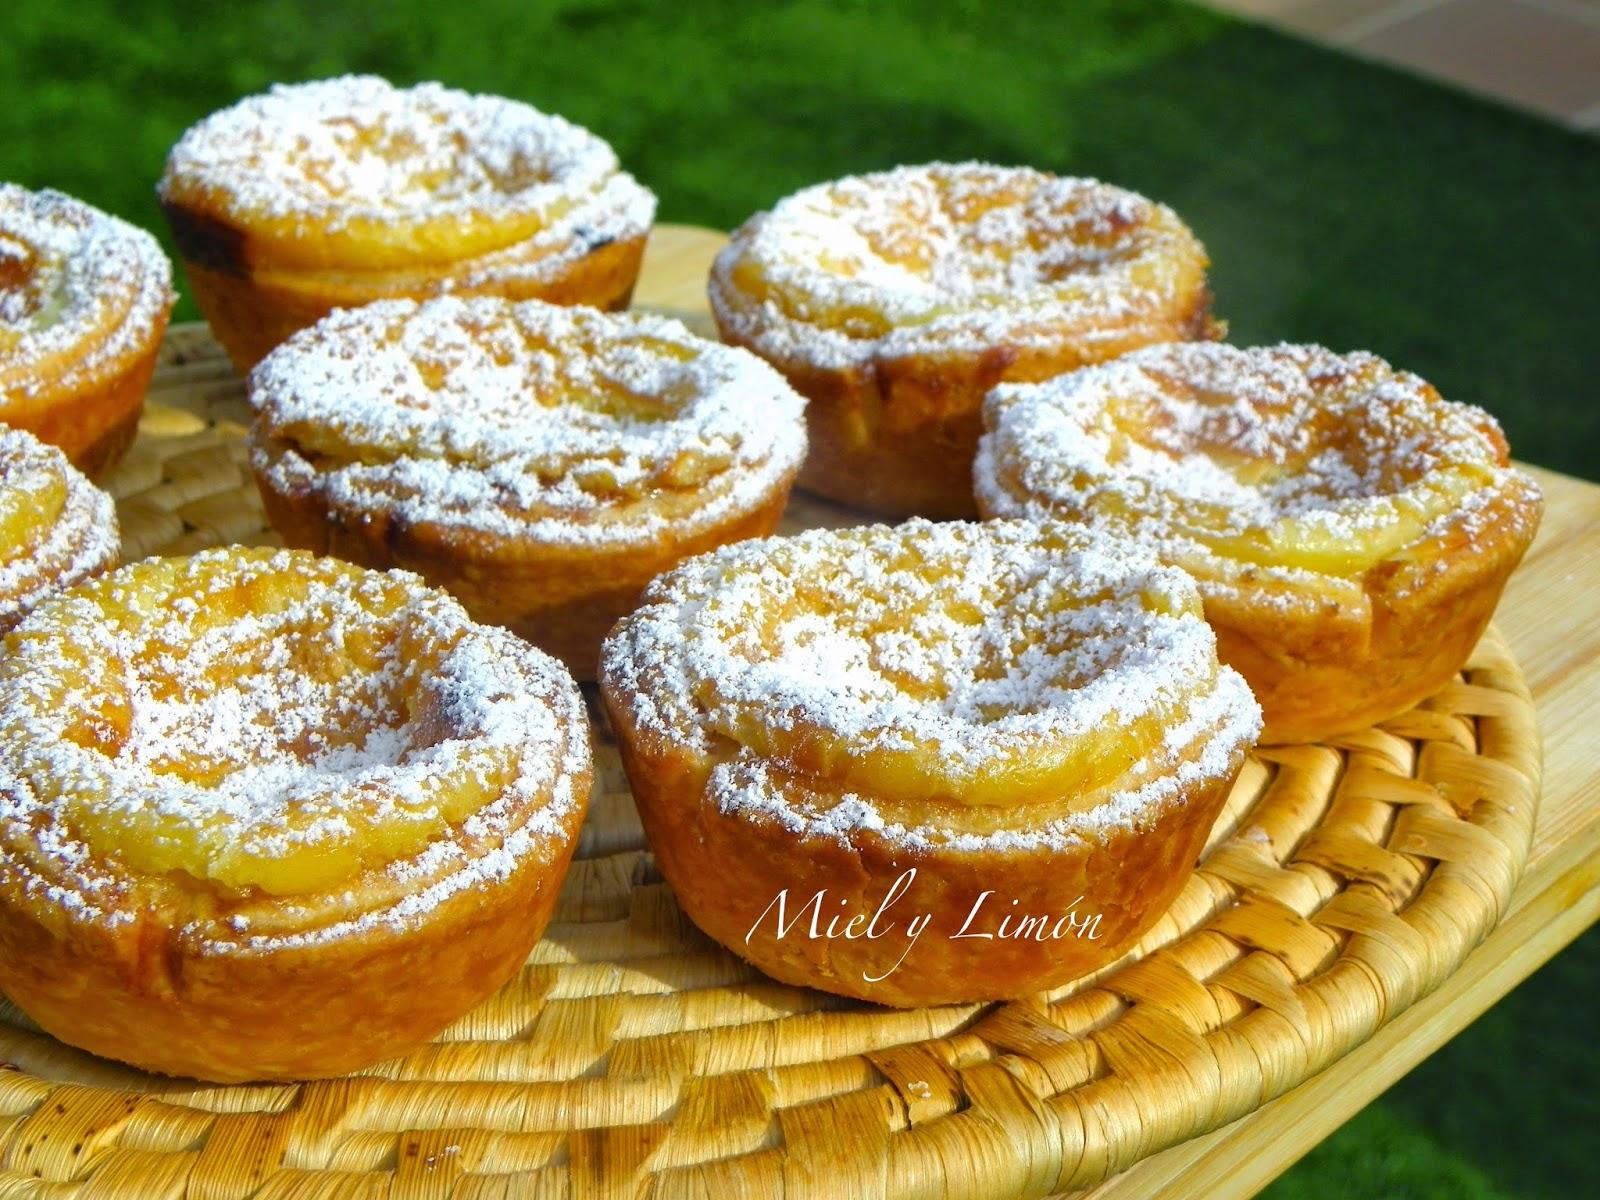 Miel y lim n past is de belem o pasteles de nata - Nata para cocinar mercadona ...